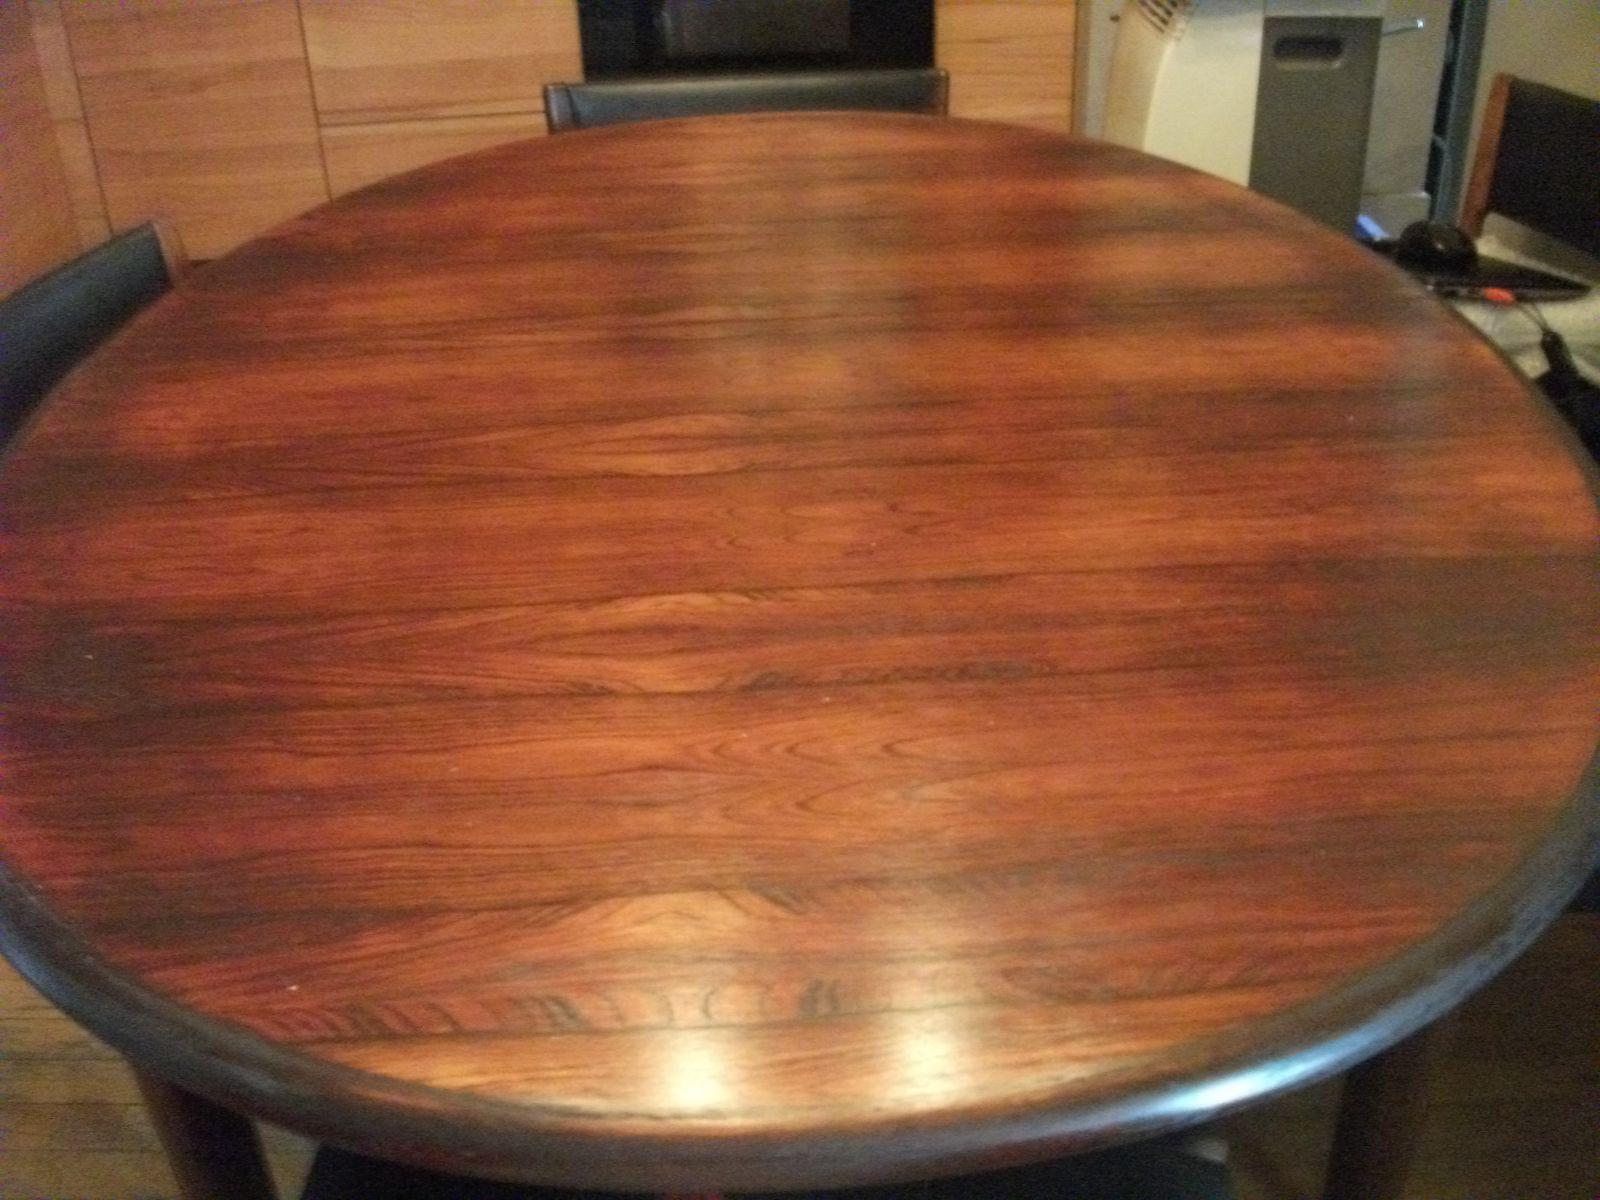 ec780ecb742d4e meubles en bois de rose (palissandre)